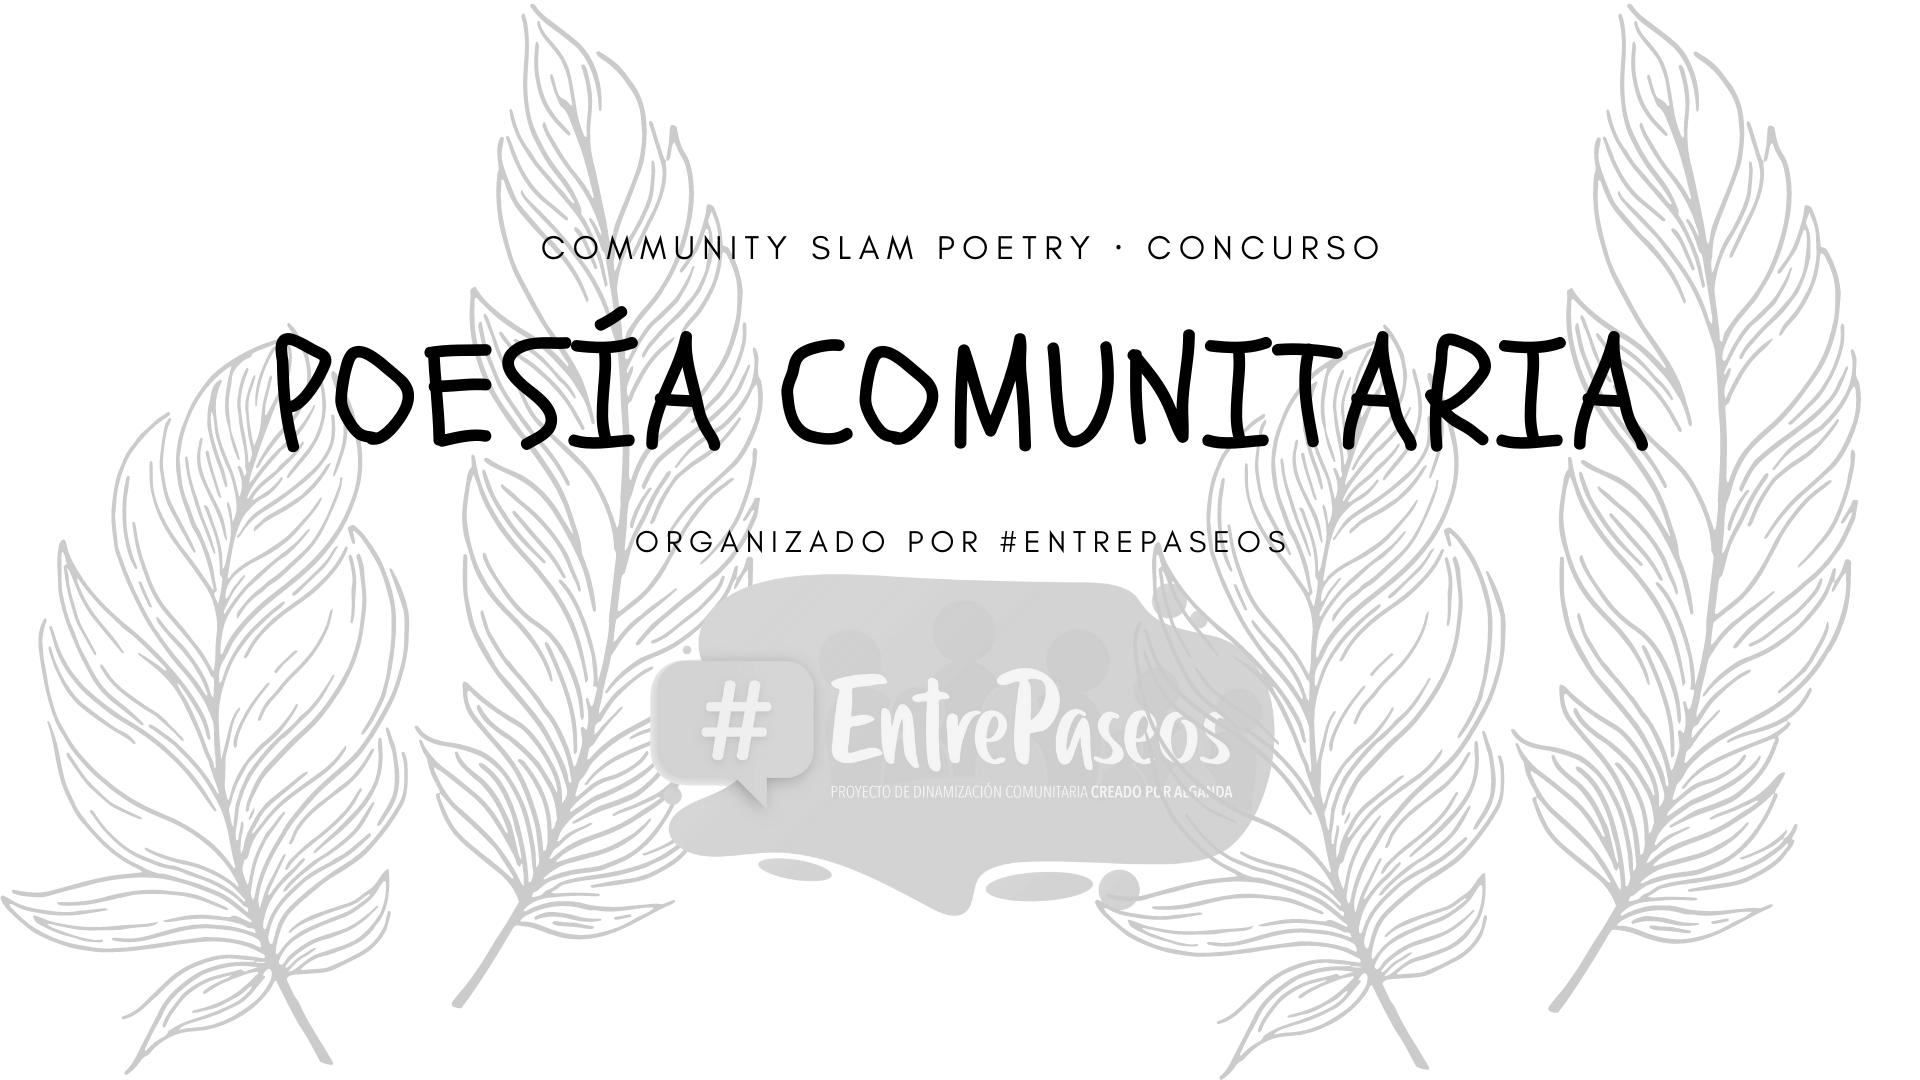 Ganadores Concurso de Poesía Comunitaria #EntrePaseos